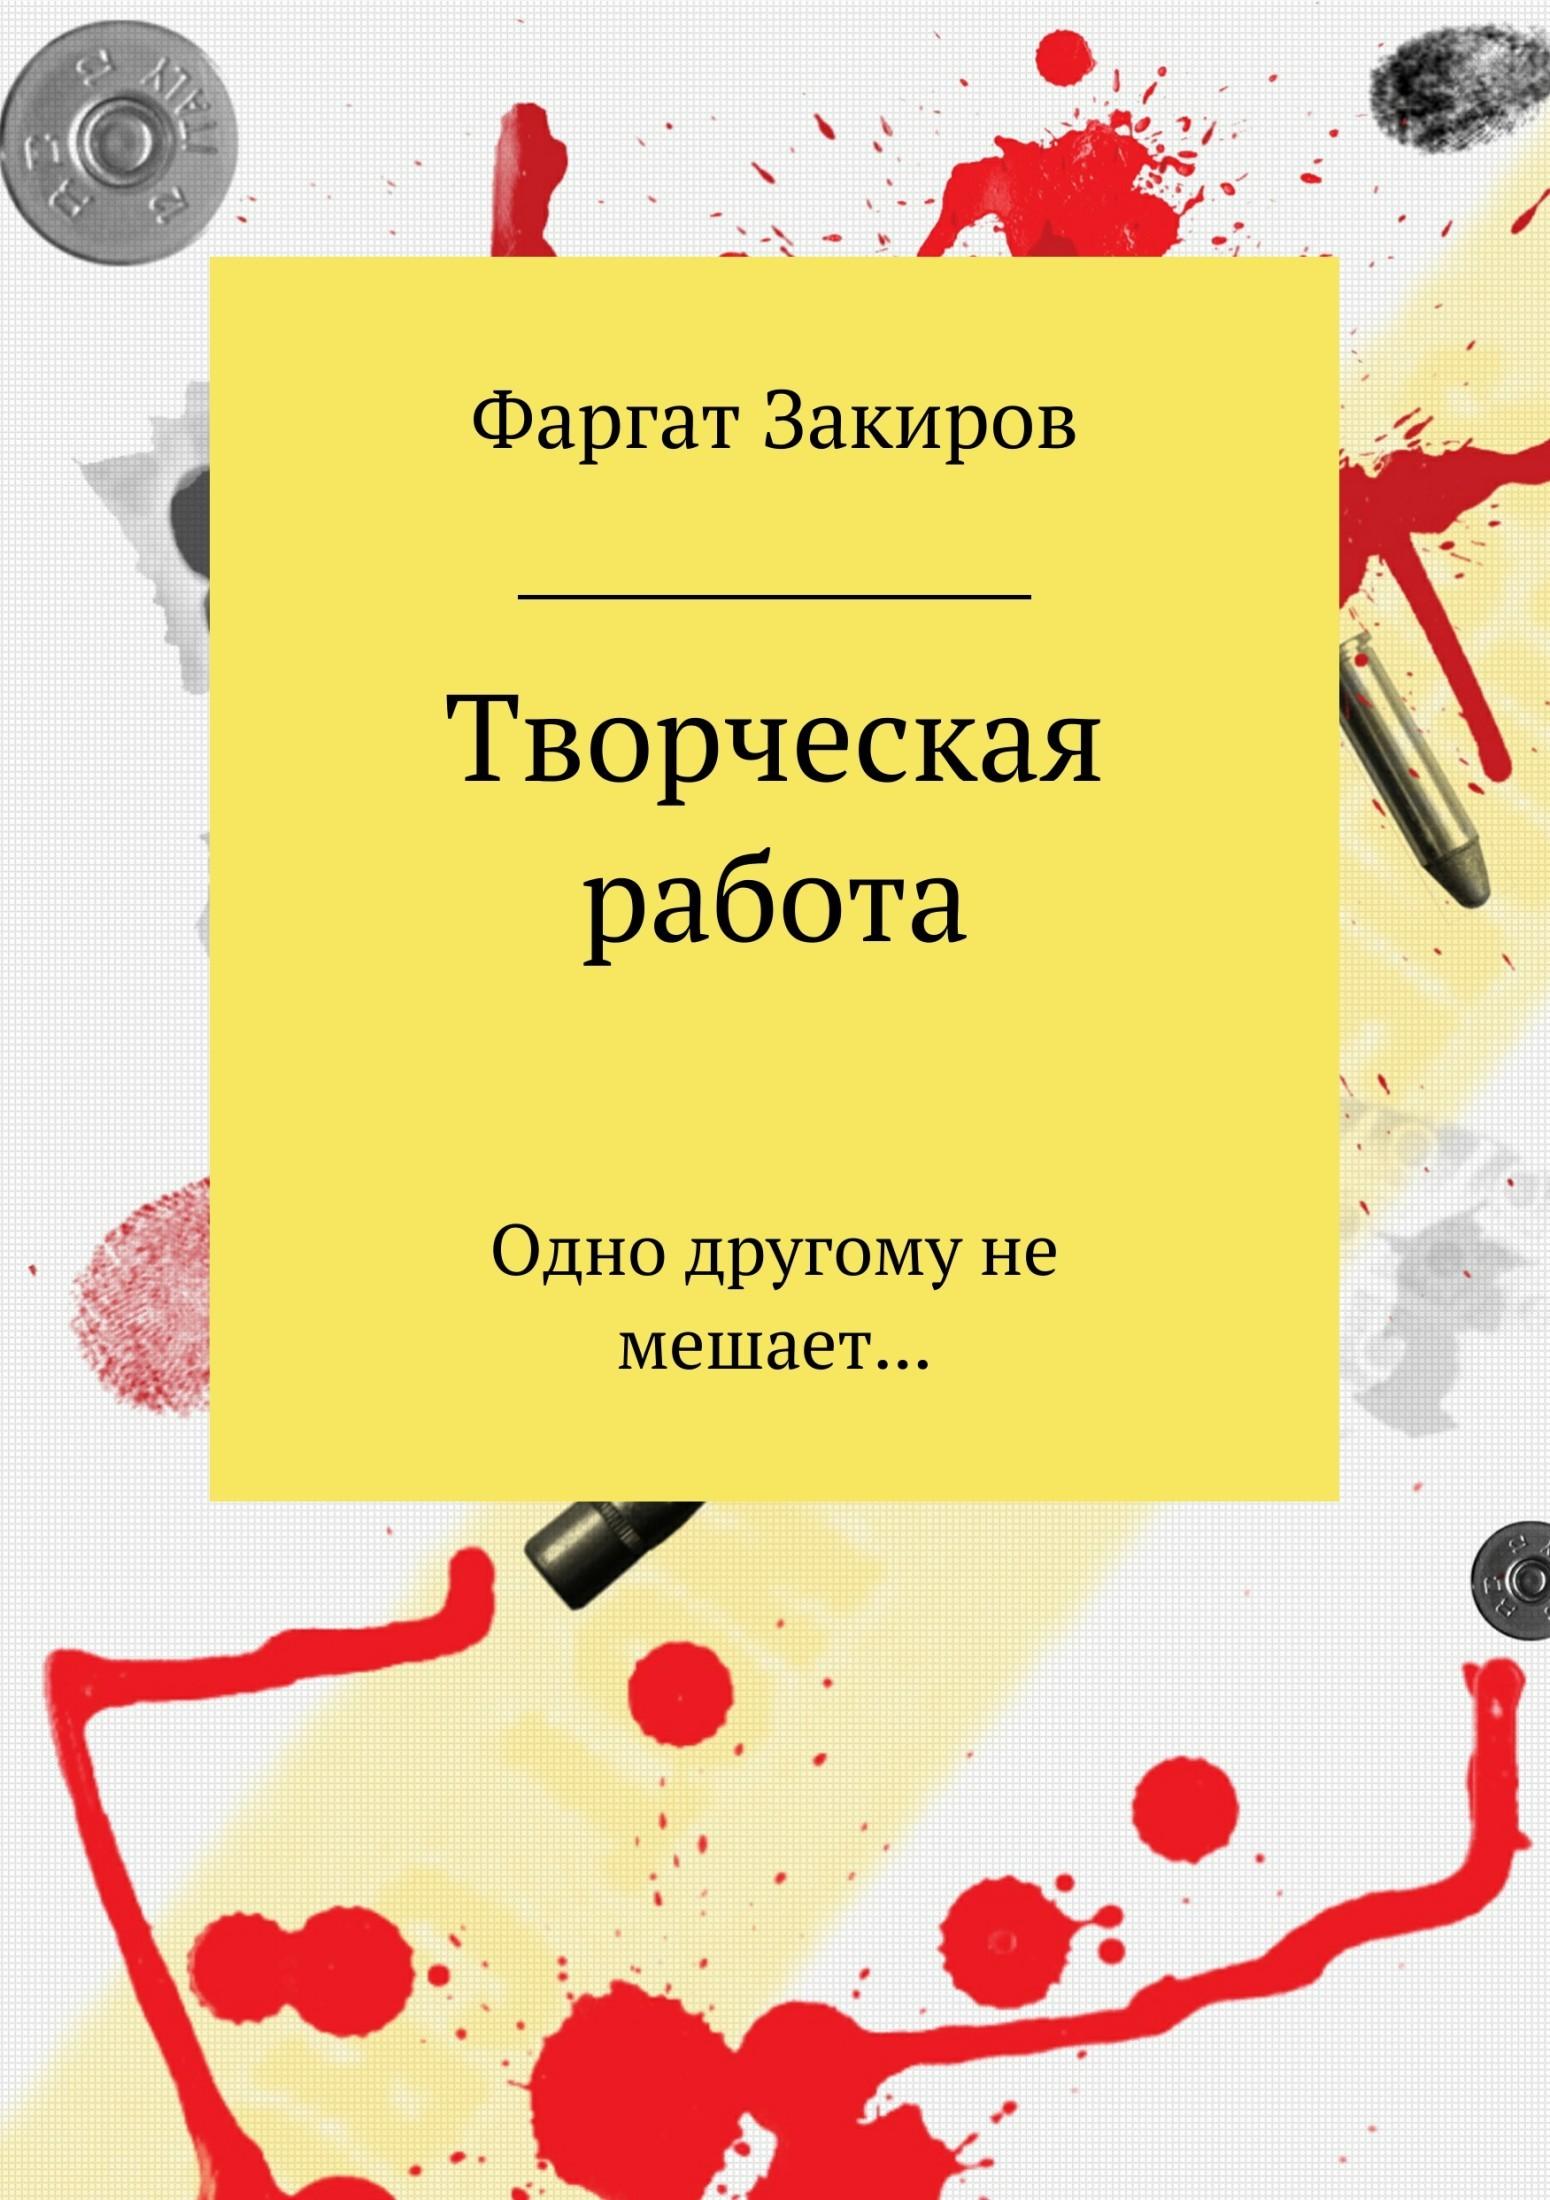 Фаргат Фаридович Закиров. Творческая работа